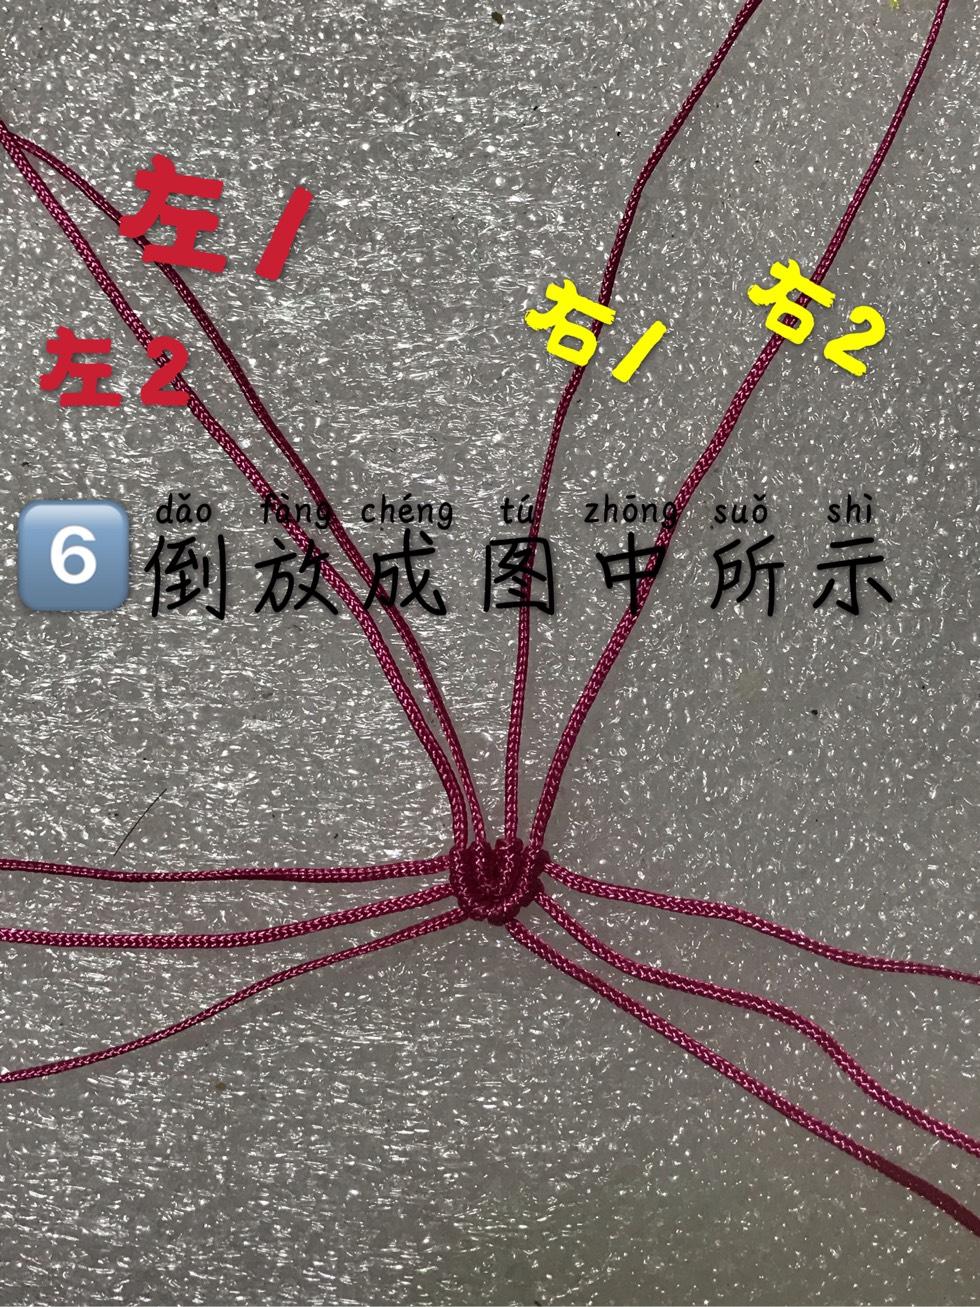 中国结论坛 谷雨花 描写谷雨的唯美短句,什么花被称为谷雨花,桂花飘香是什么时节,谷雨的代表花是什么,谷雨种花是什么花 图文教程区 231338y7pcja46tzy6jjat